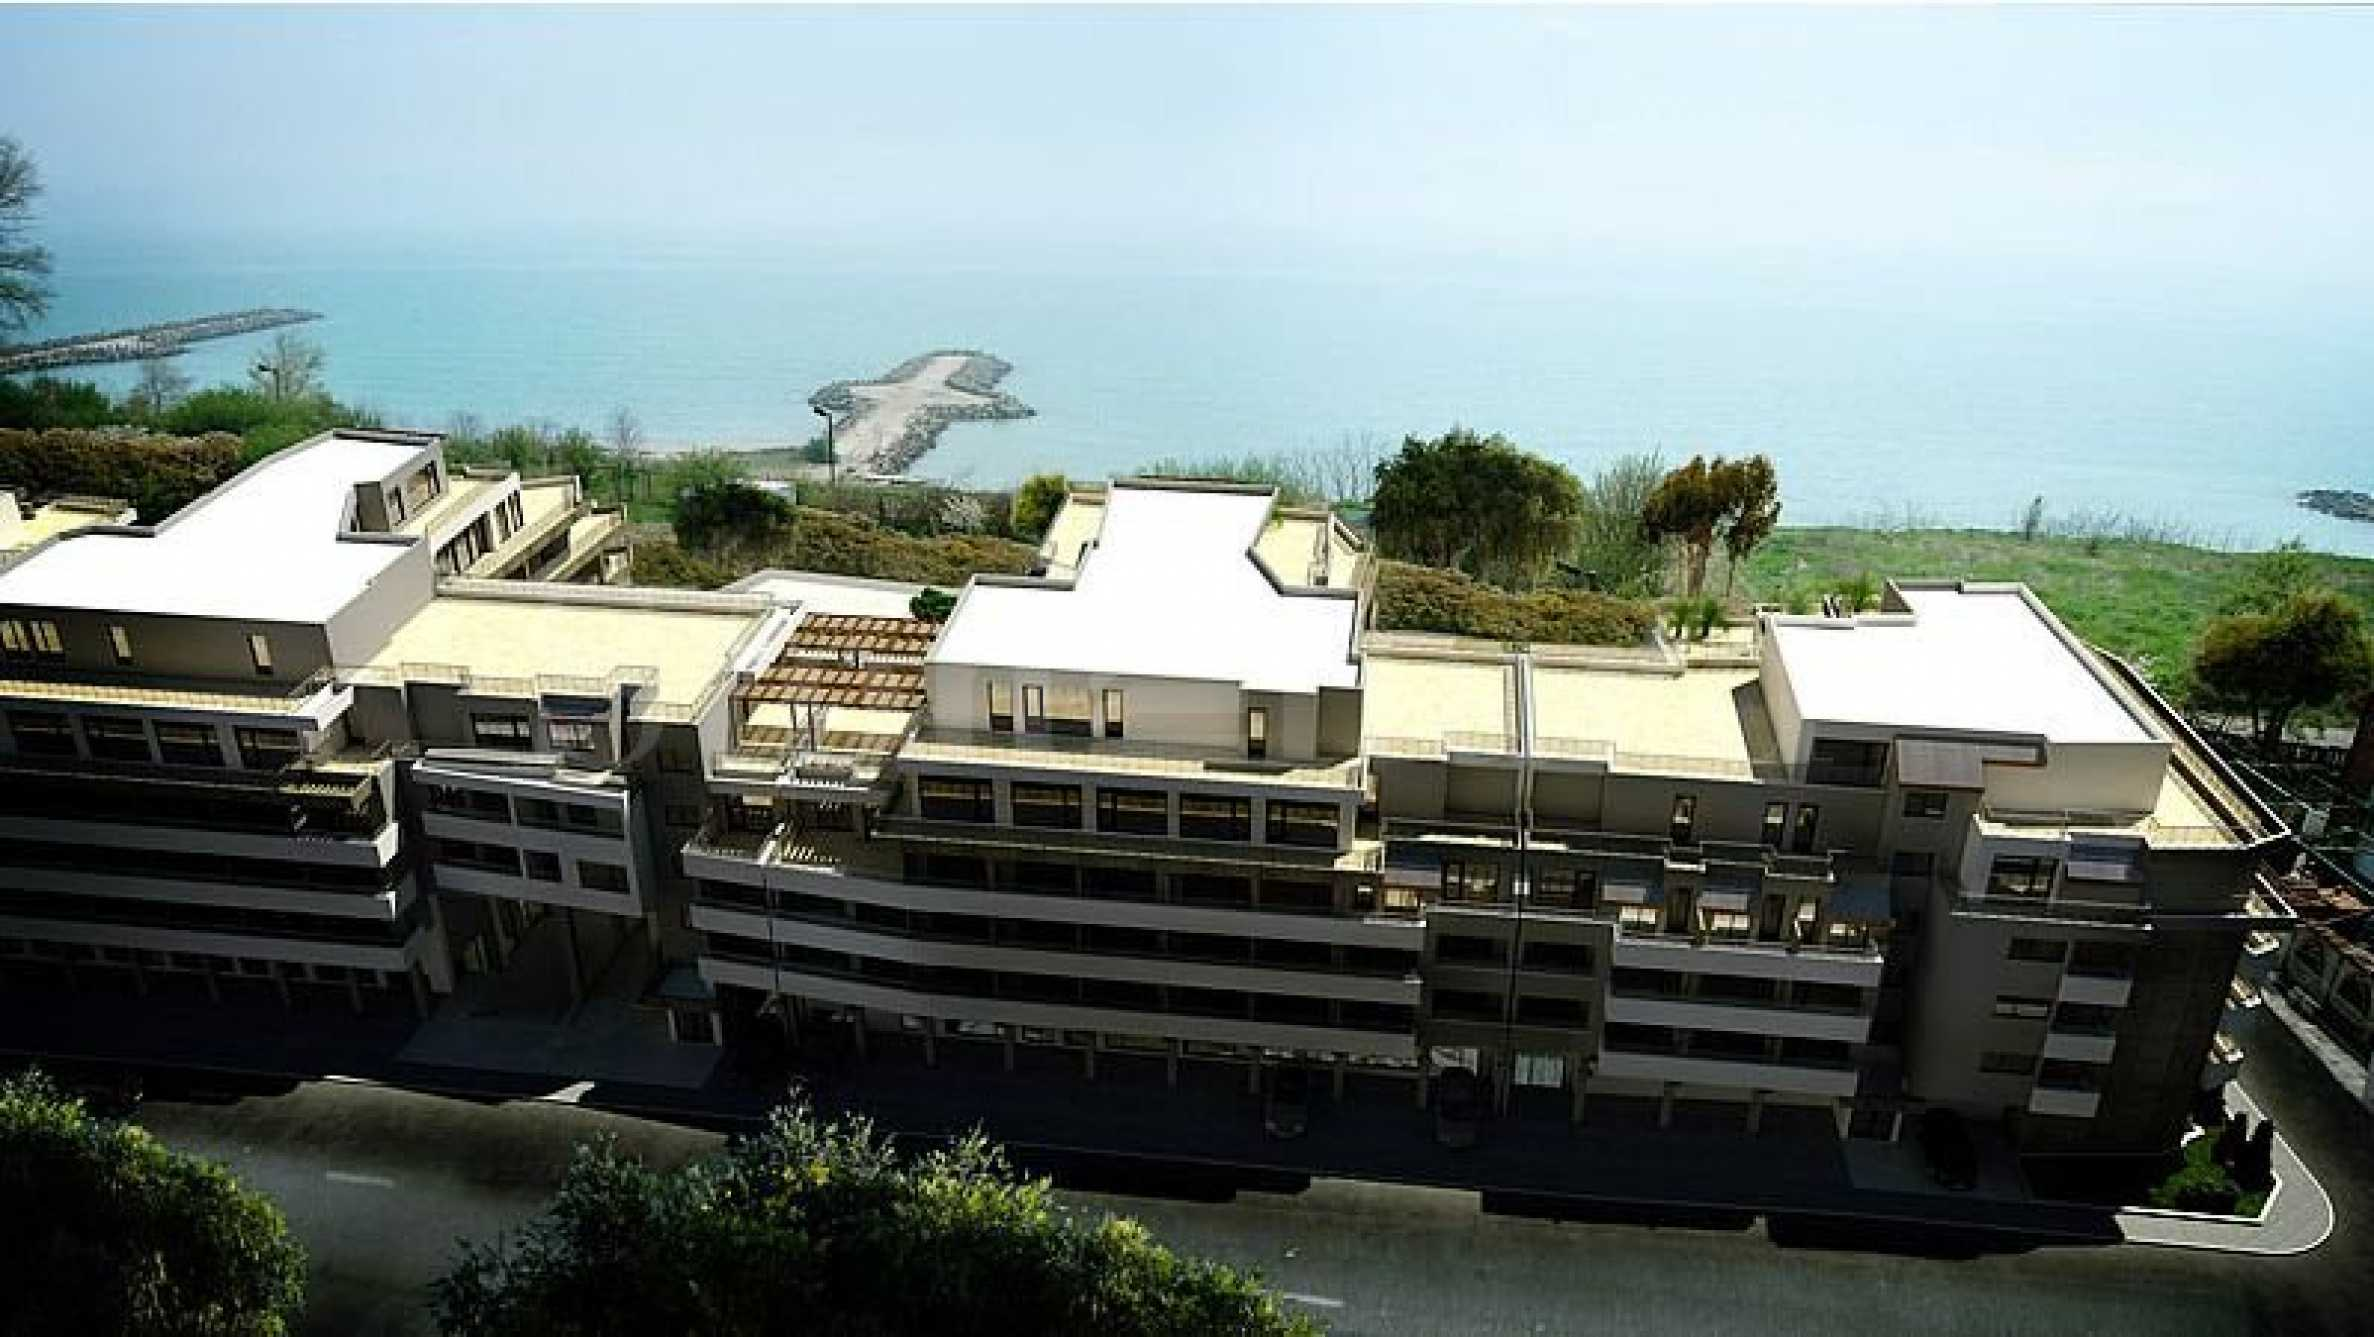 Апартаменти в новостроящ се комплекс на първа линия море в Сарафово2 - Stonehard